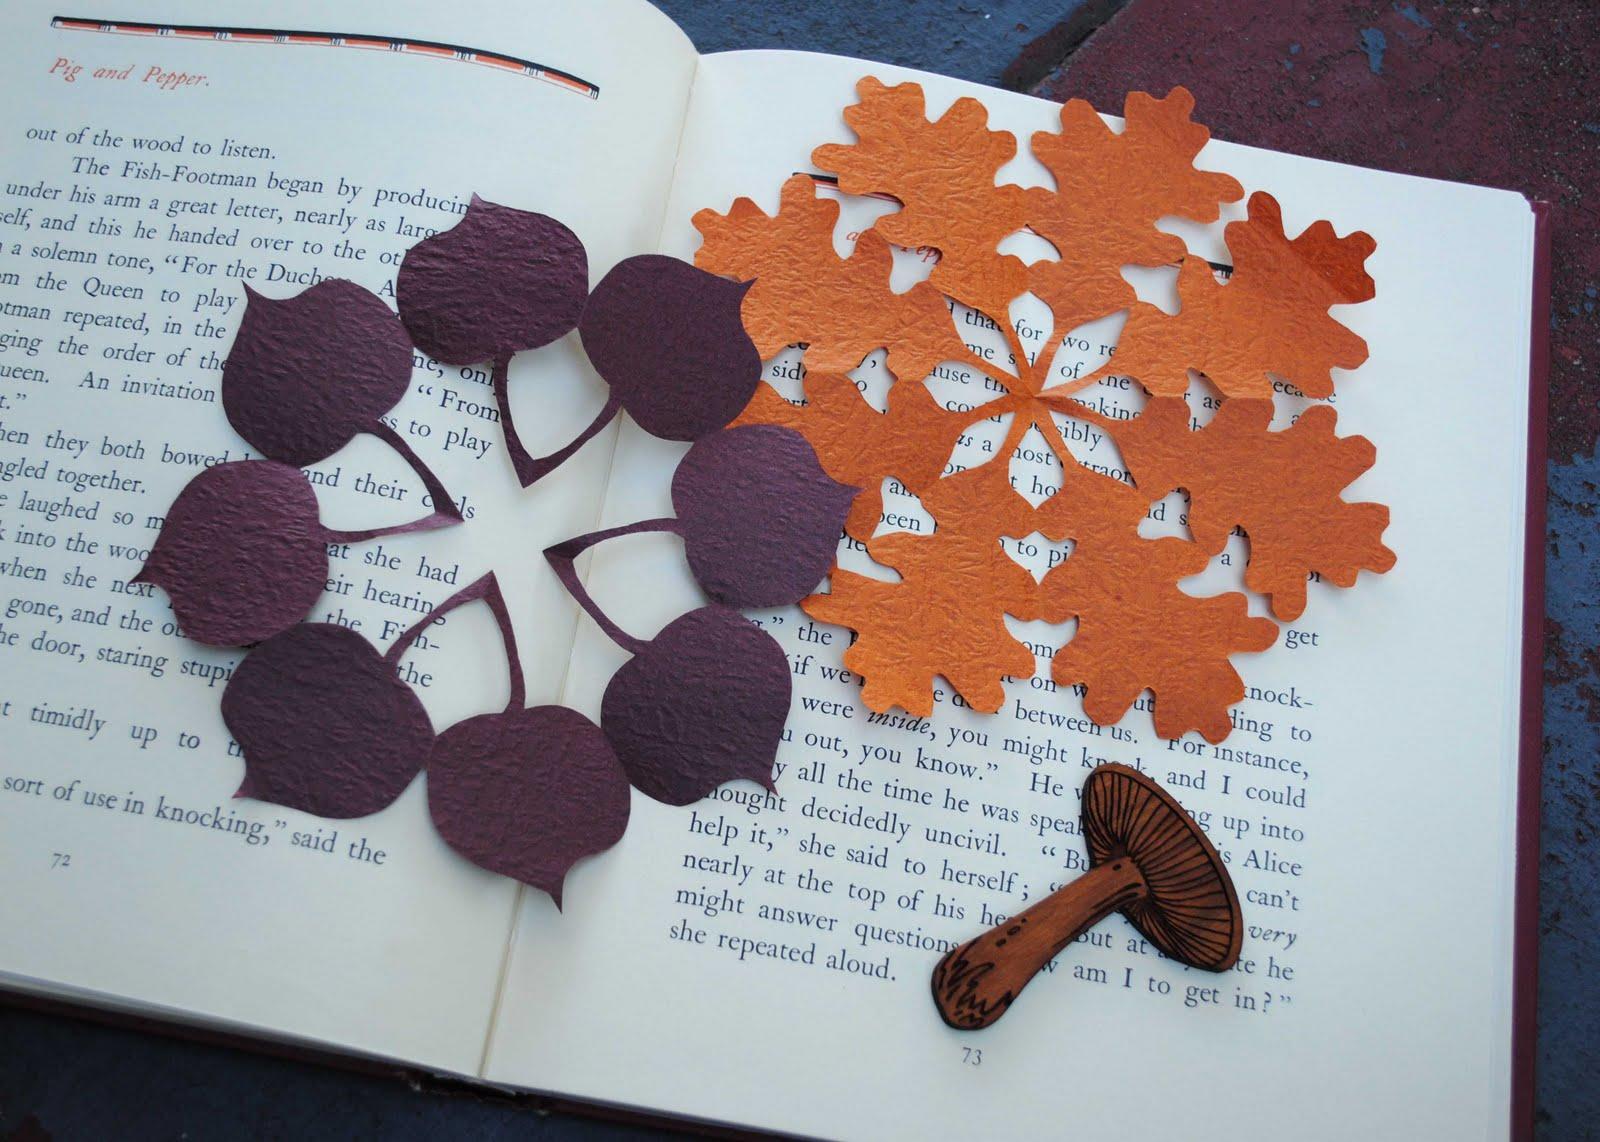 Addobbare l 39 aula con foglie autunnali di carta for Addobbi autunnali per l aula